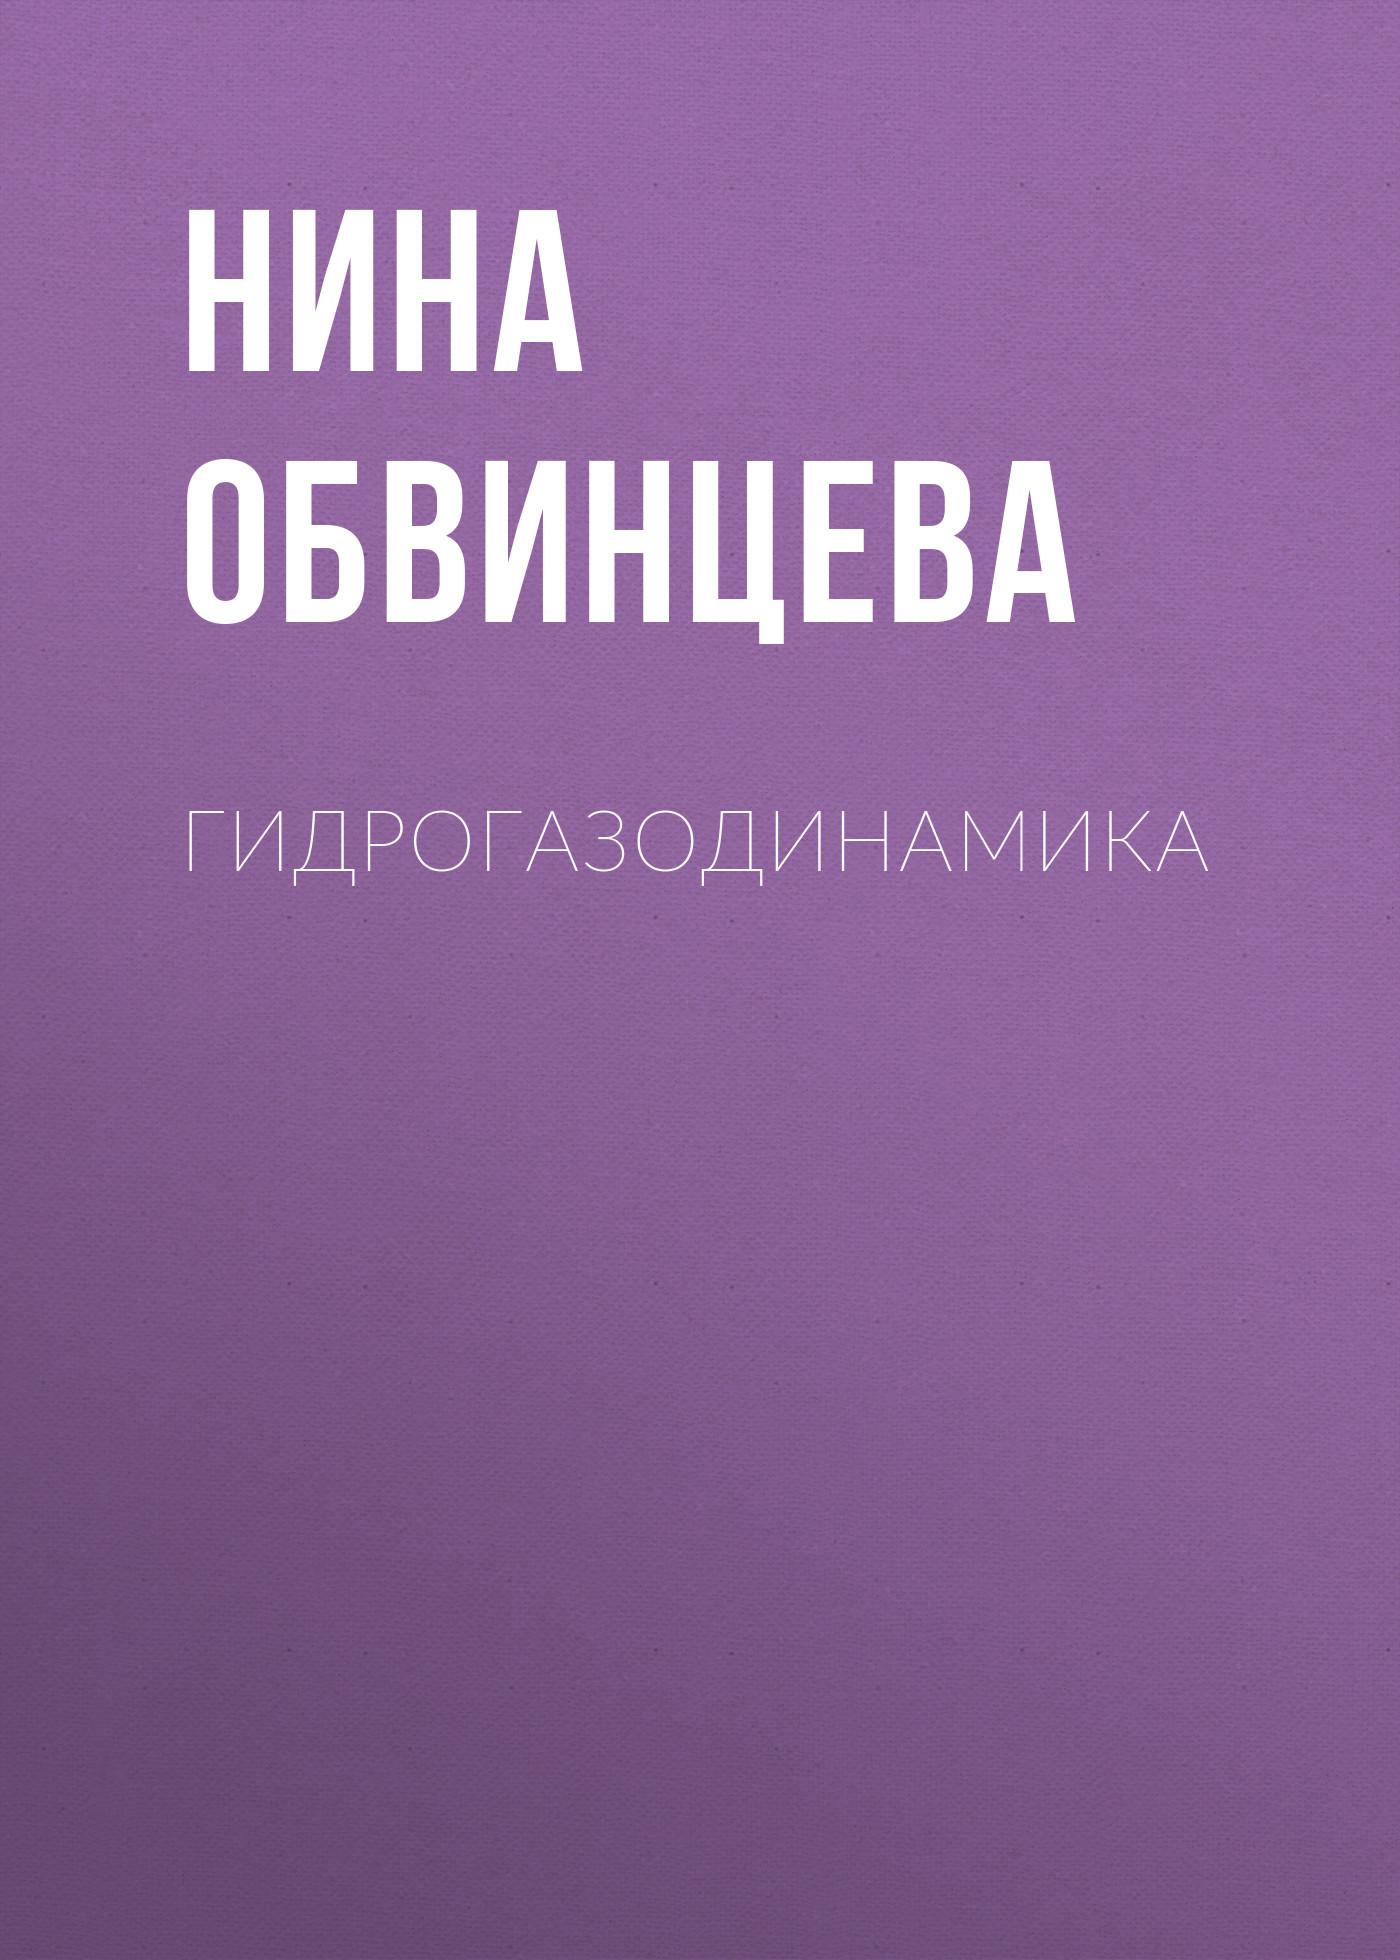 Книга притягивает взоры 35/94/29/35942995.bin.dir/35942995.cover.jpg обложка